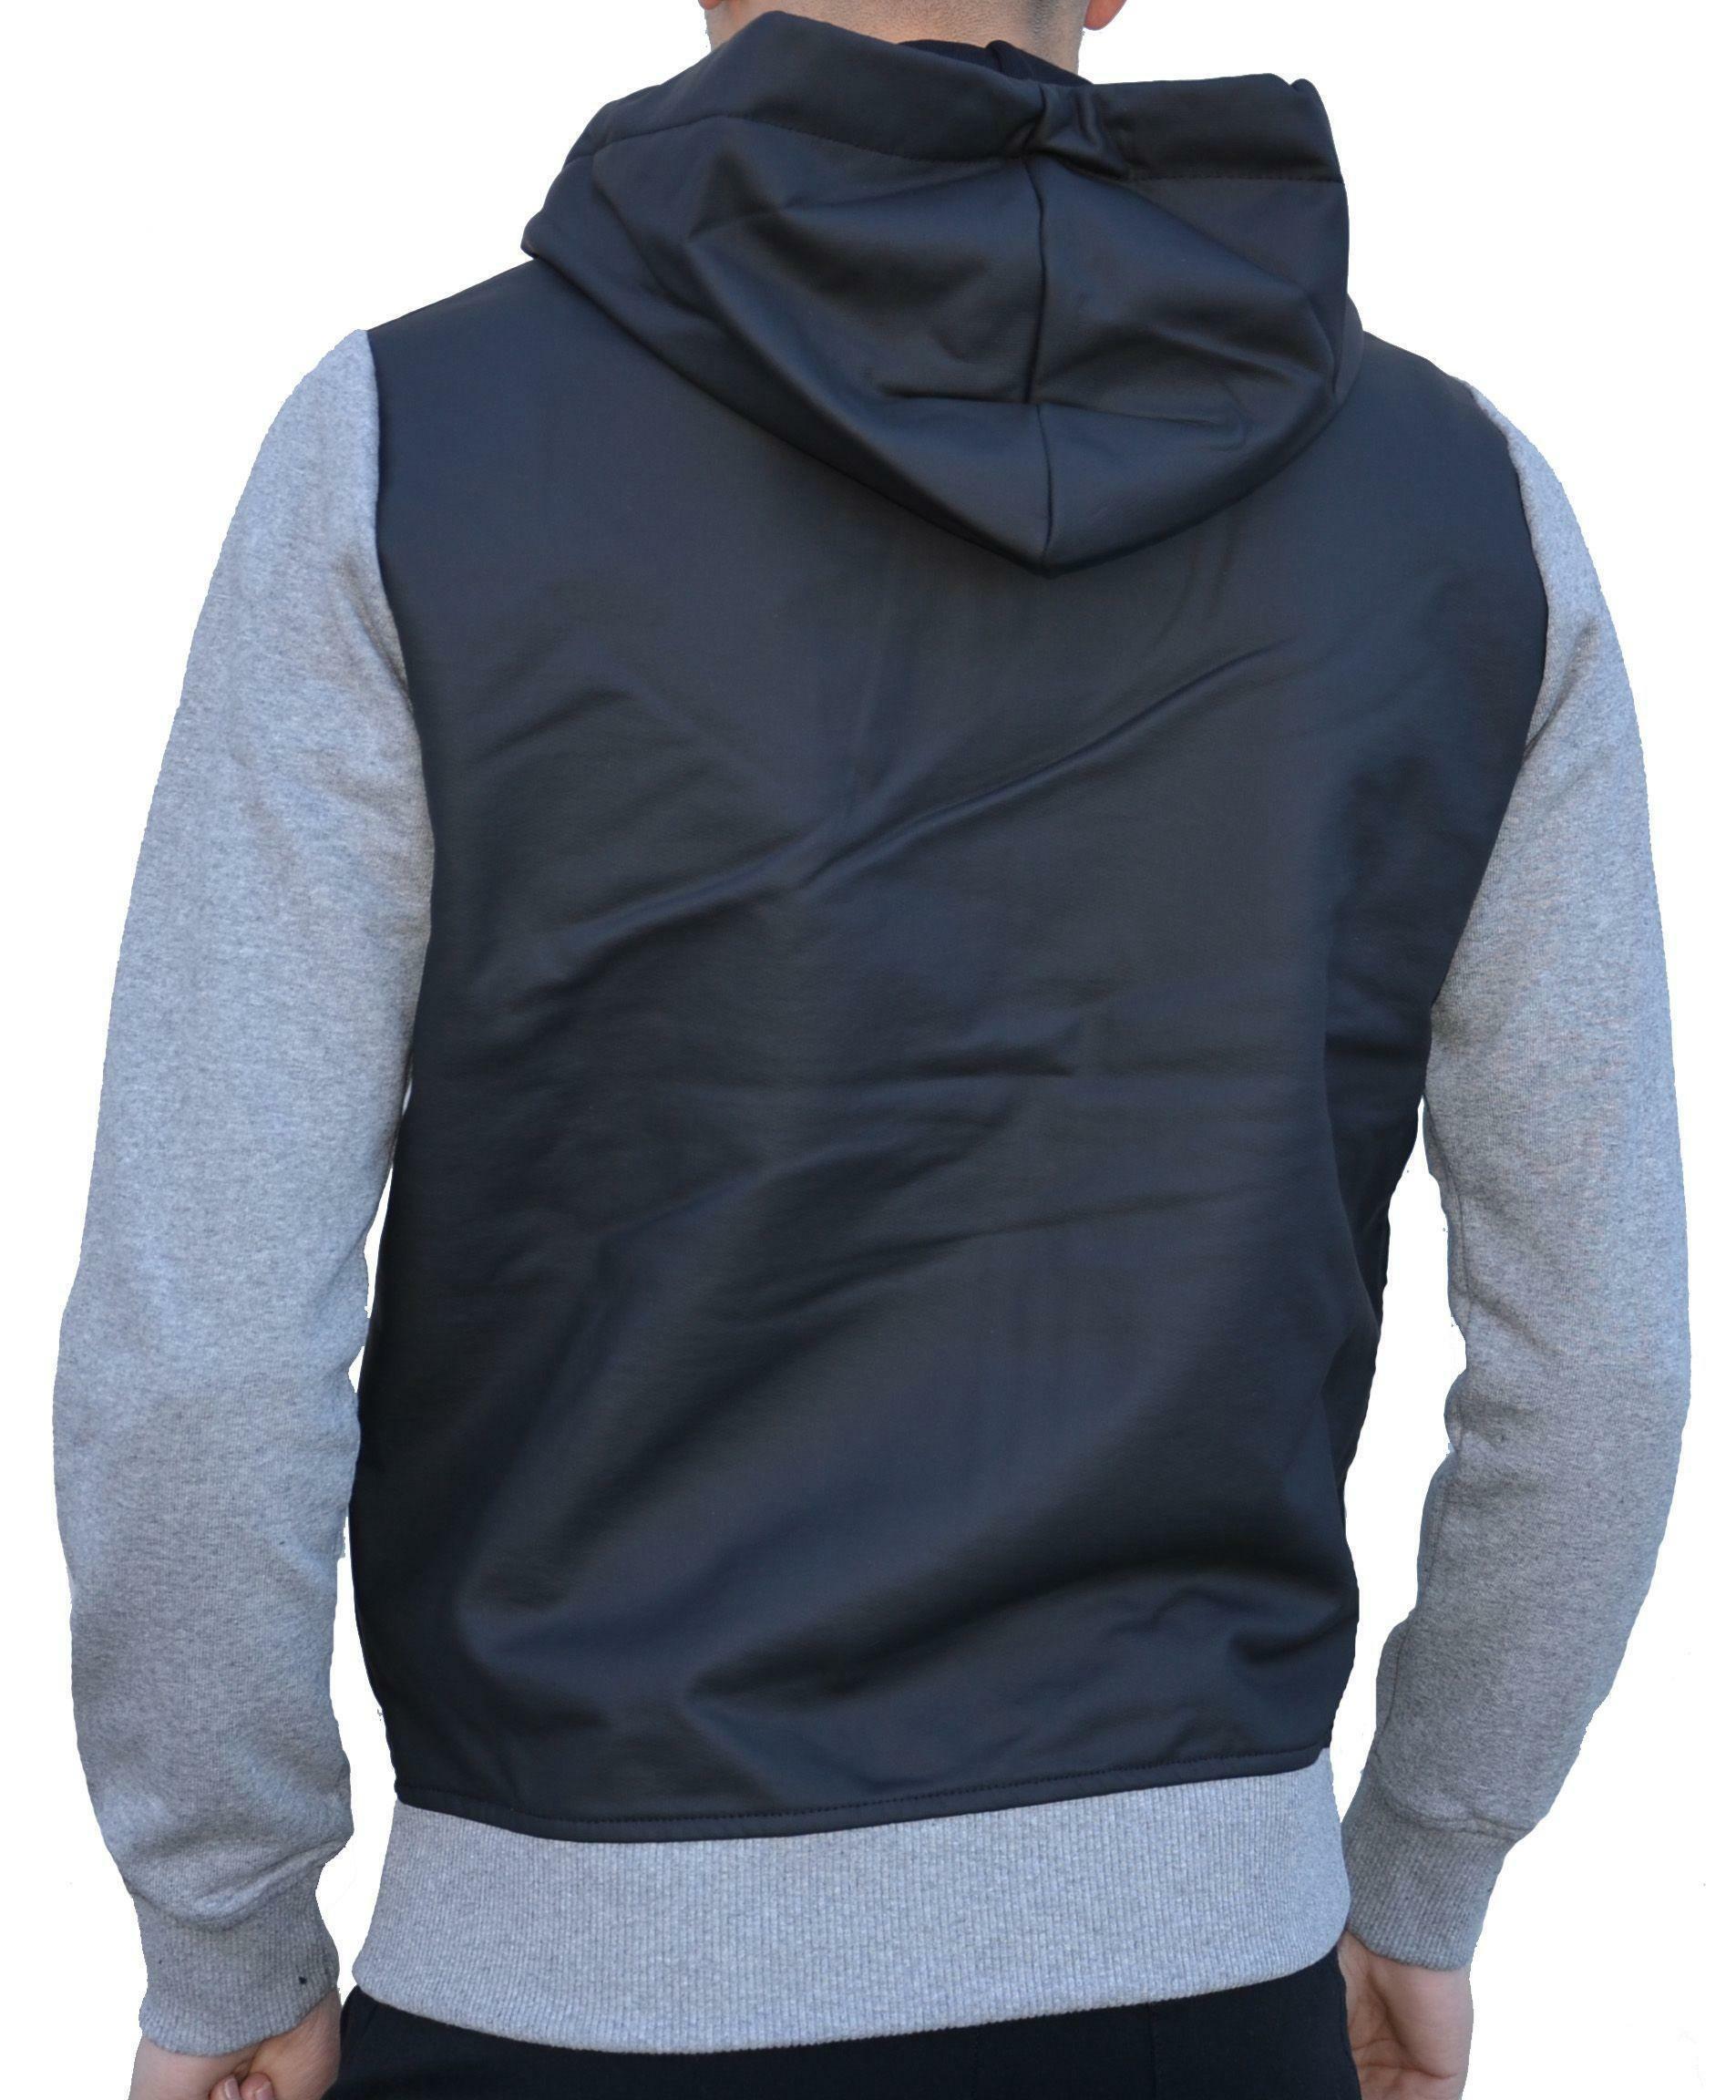 converse converse fleece track ct giacchetto uomo nero grigio